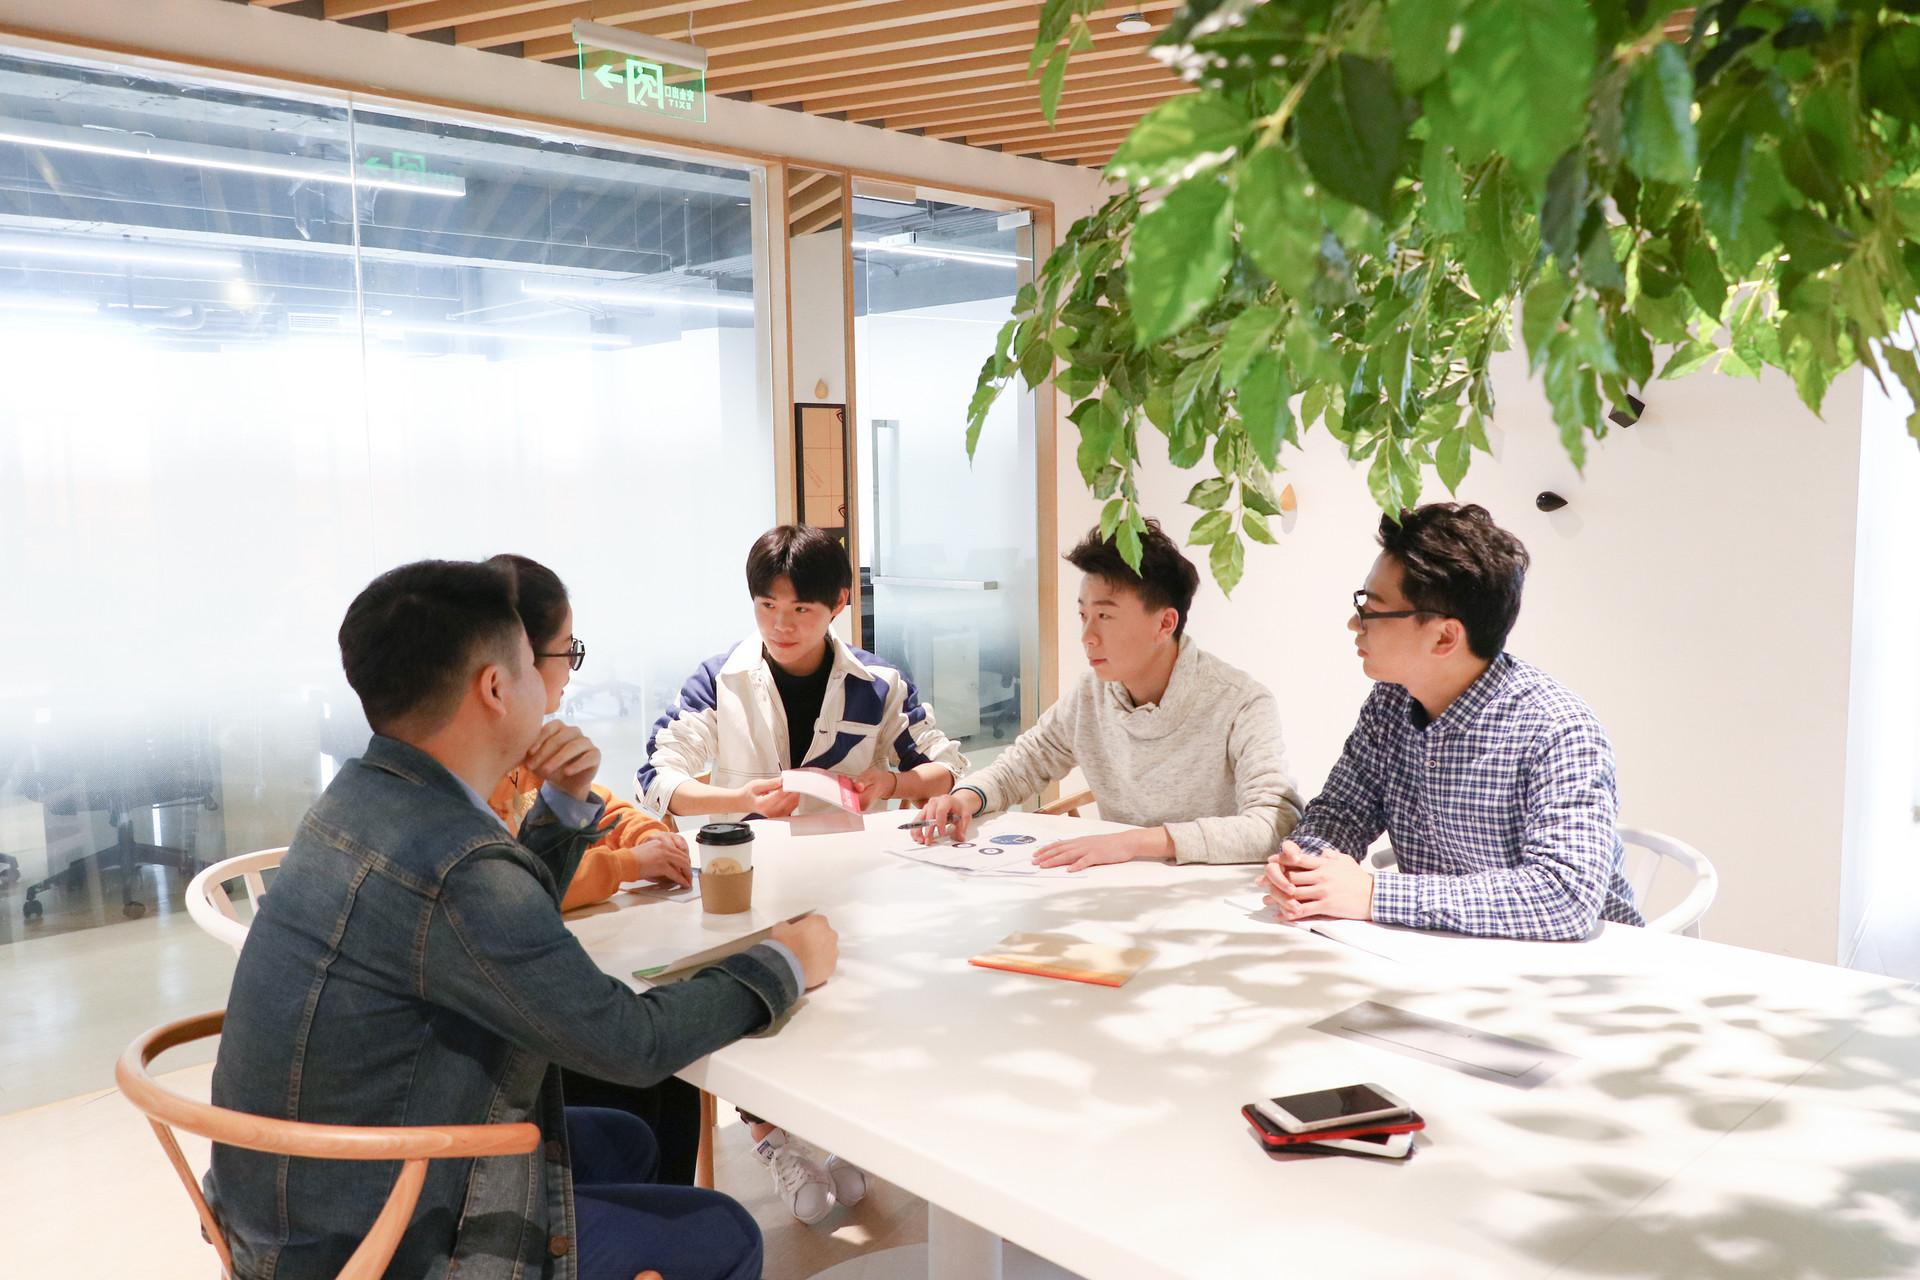 有关上海社保代理公司的相关内容有哪些